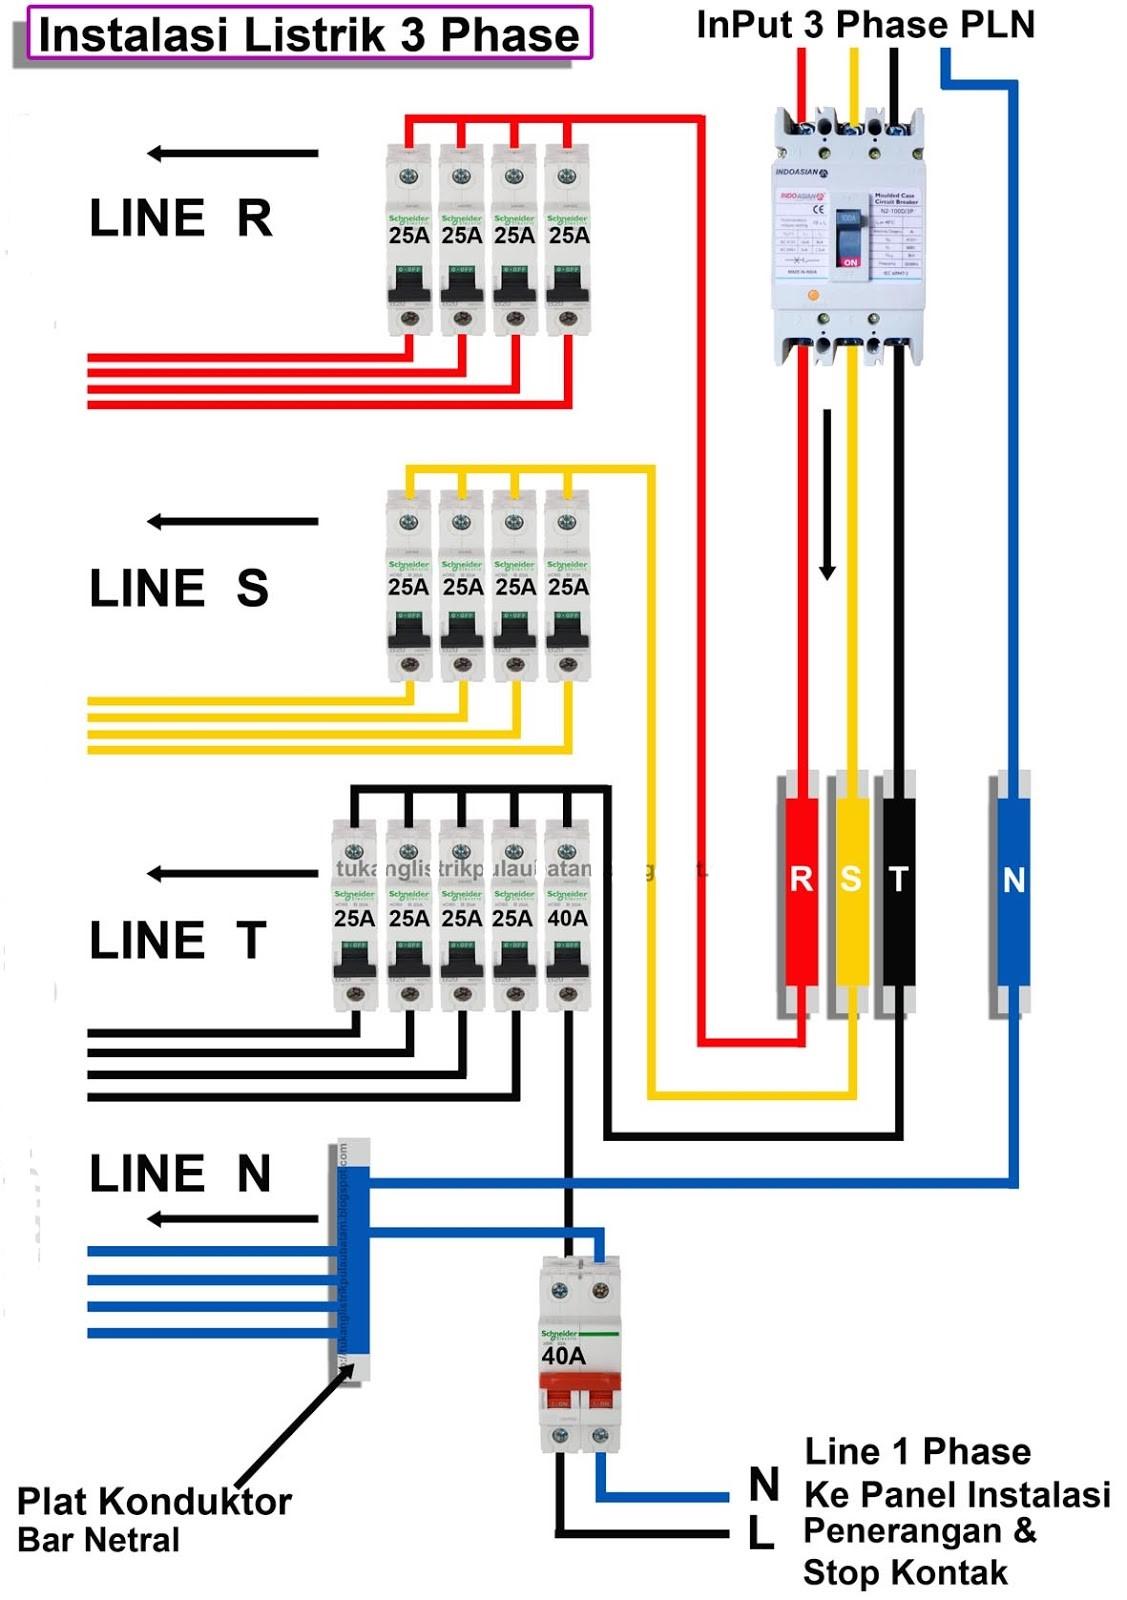 hight resolution of panel listrik 3 phase download tabel baja wiring diagram panel listrik 3 phase